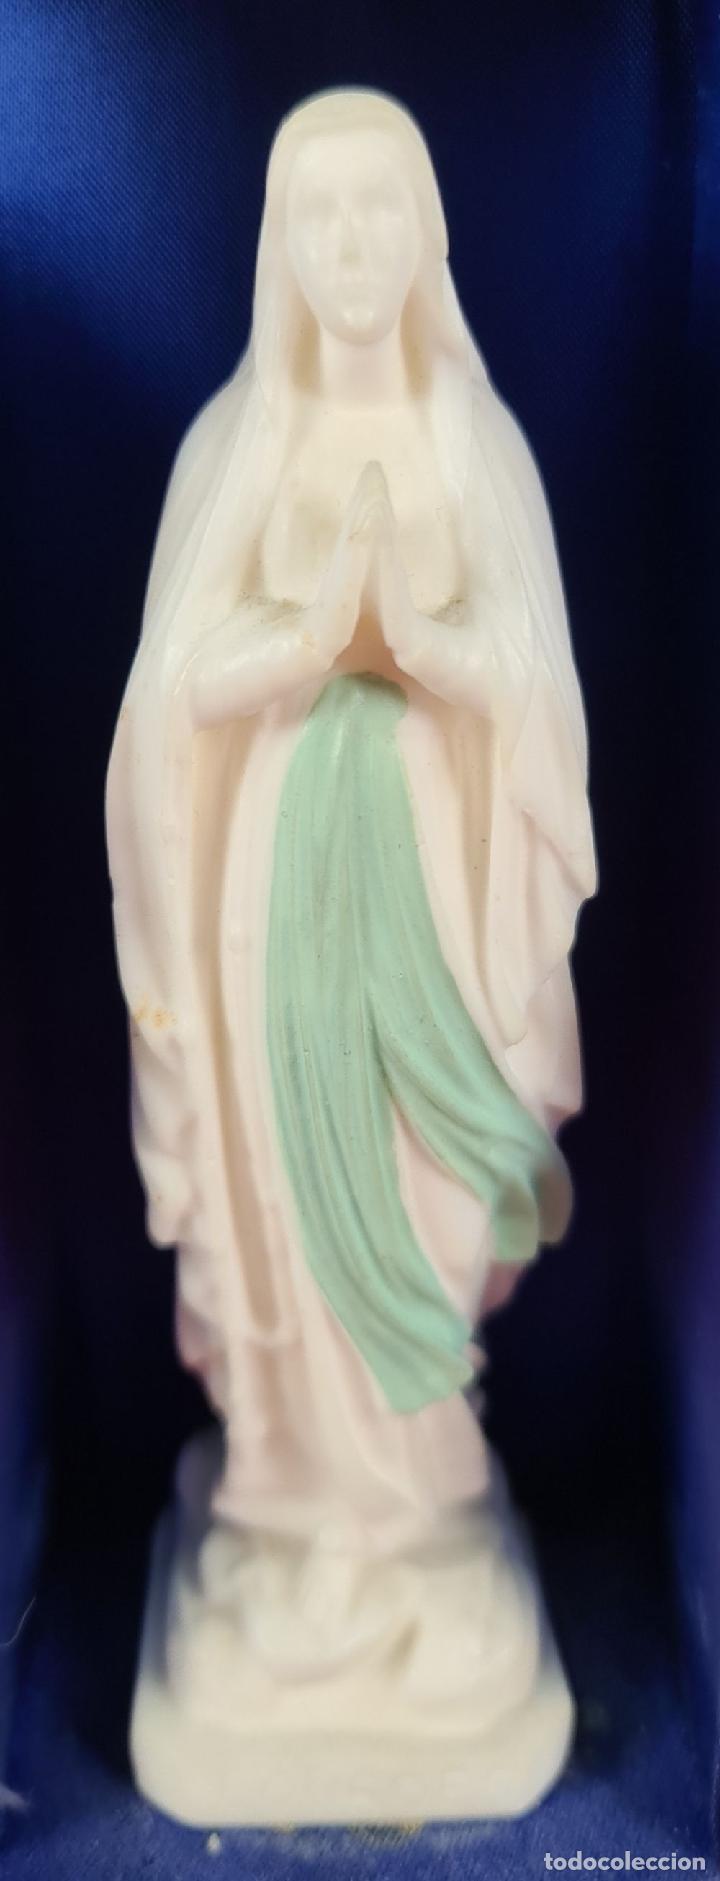 Arte: VIRGEN DE LOURDES CON CAPILLA. ESCULTURA EN RESINA. CAPILLA DE MADERA. SIGLO XX. - Foto 4 - 246689310